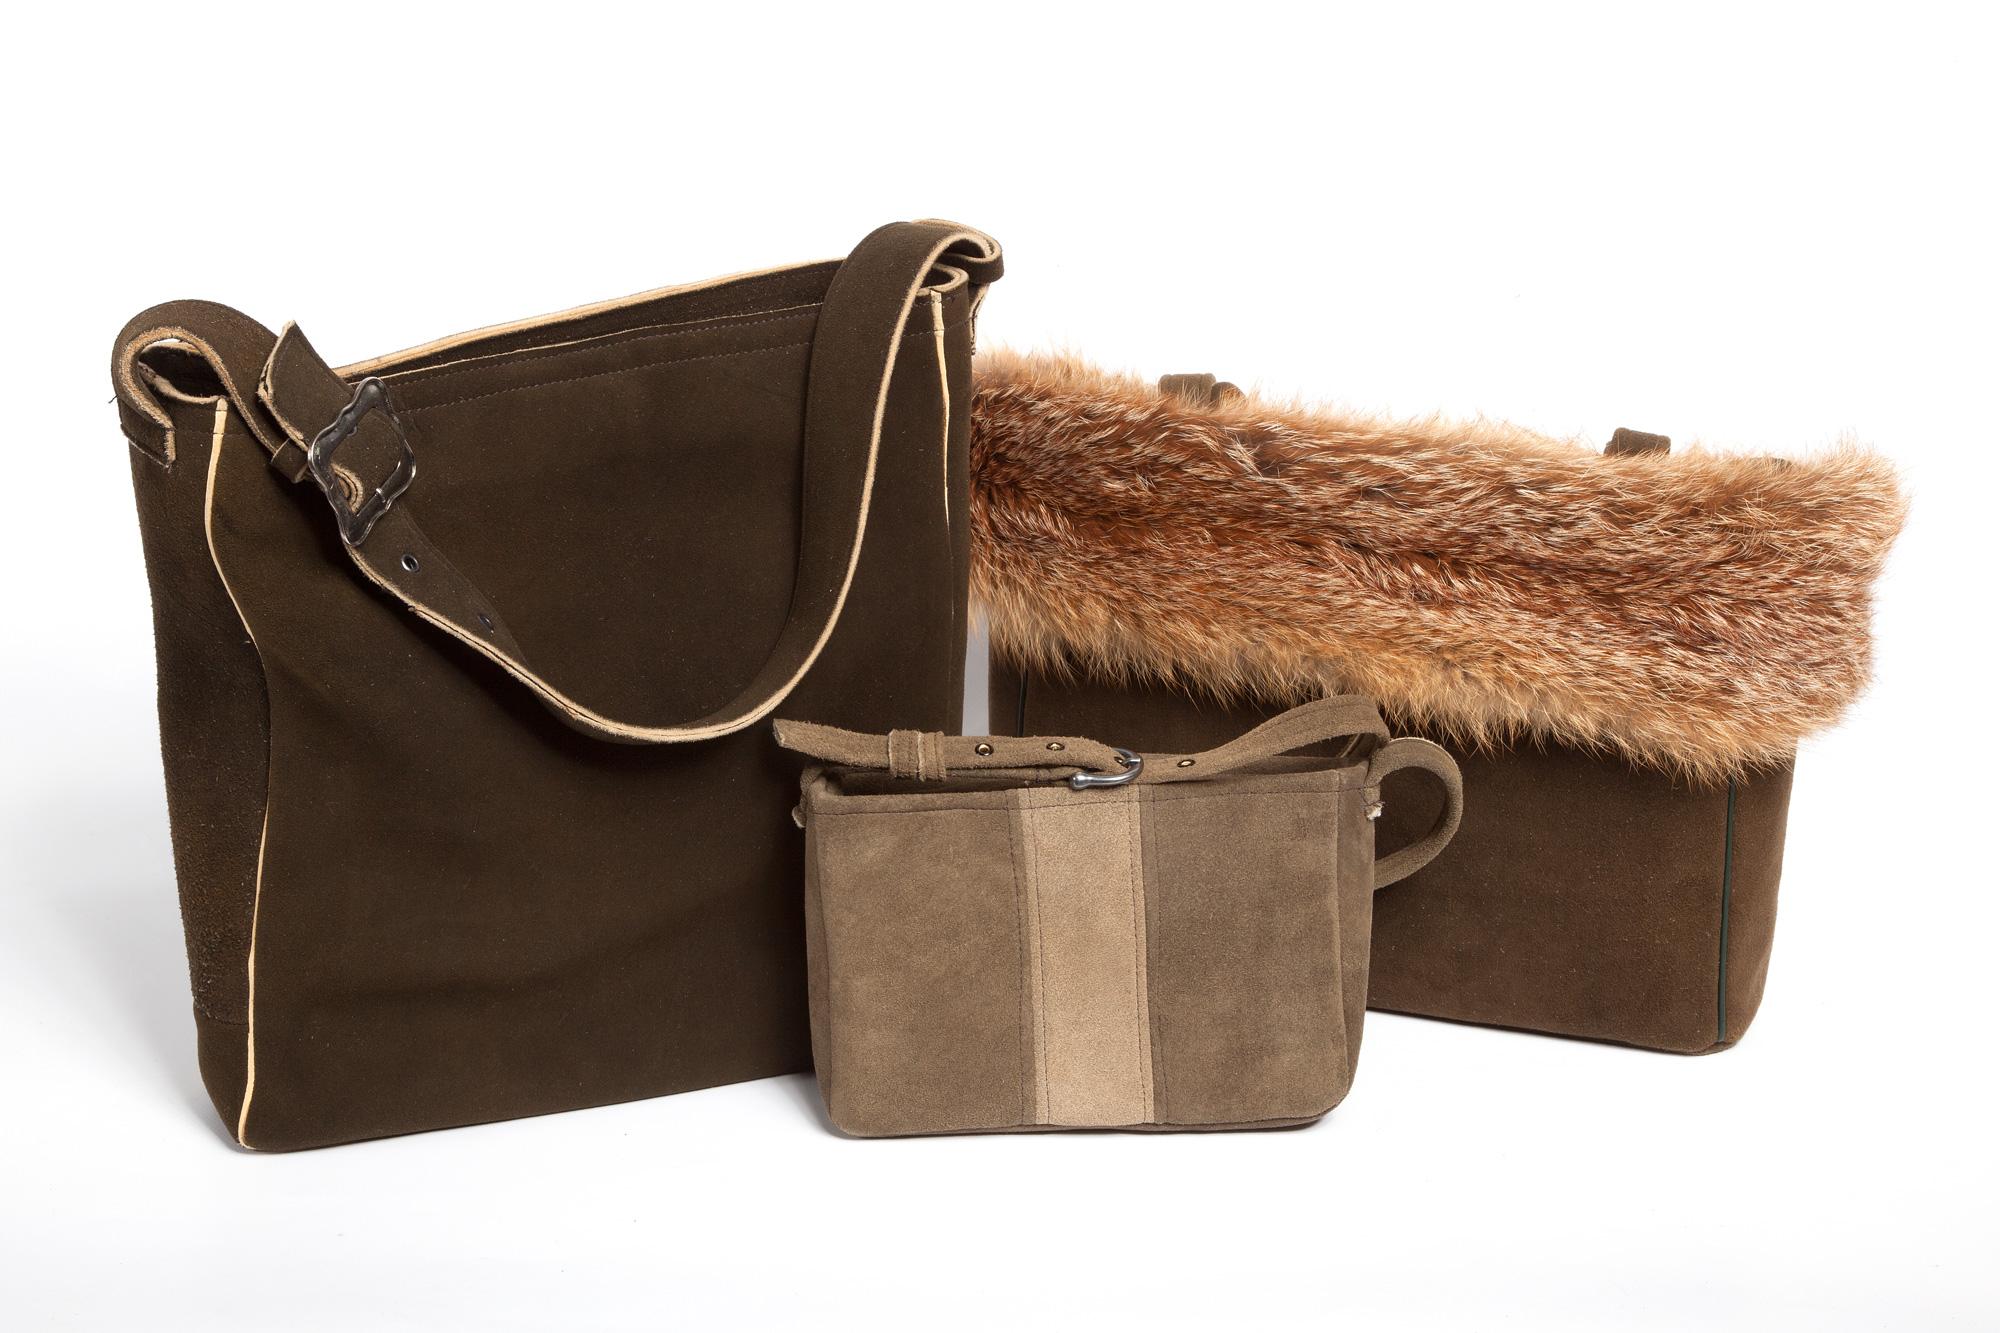 Taschen aus Hirschleder